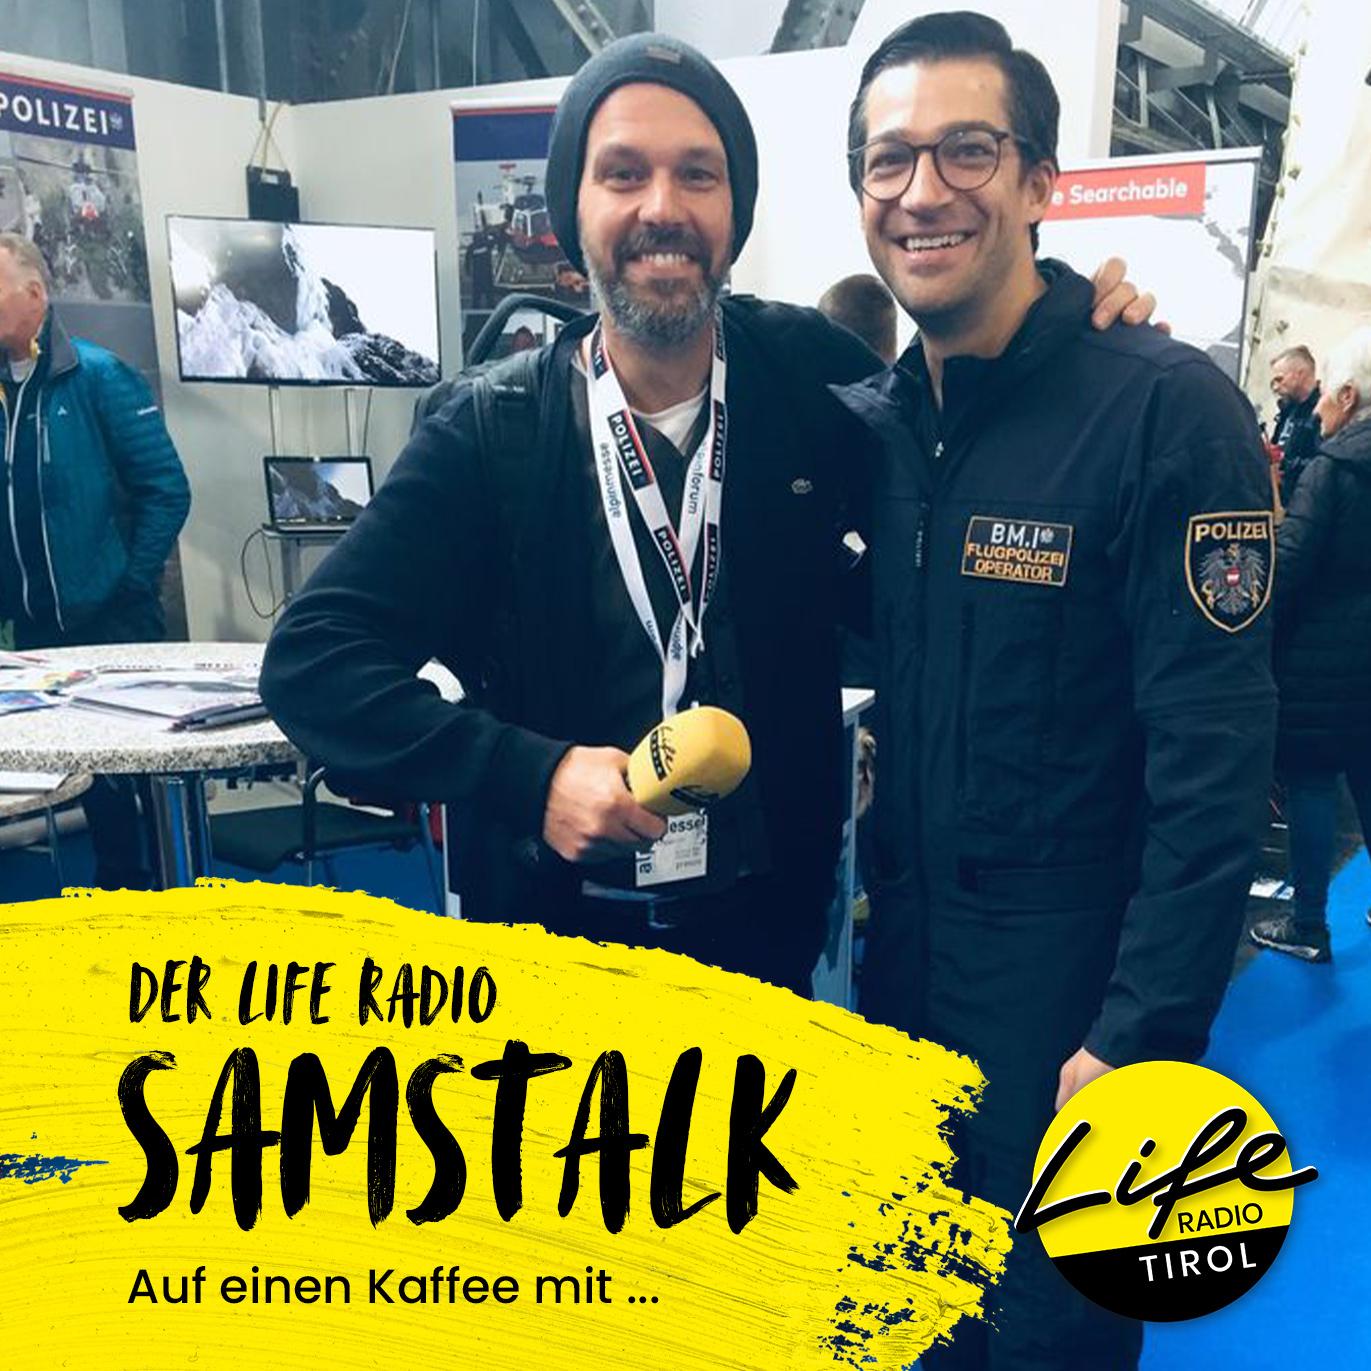 Auf einen Kaffee mit Ex-Skispringer Andi Kofler